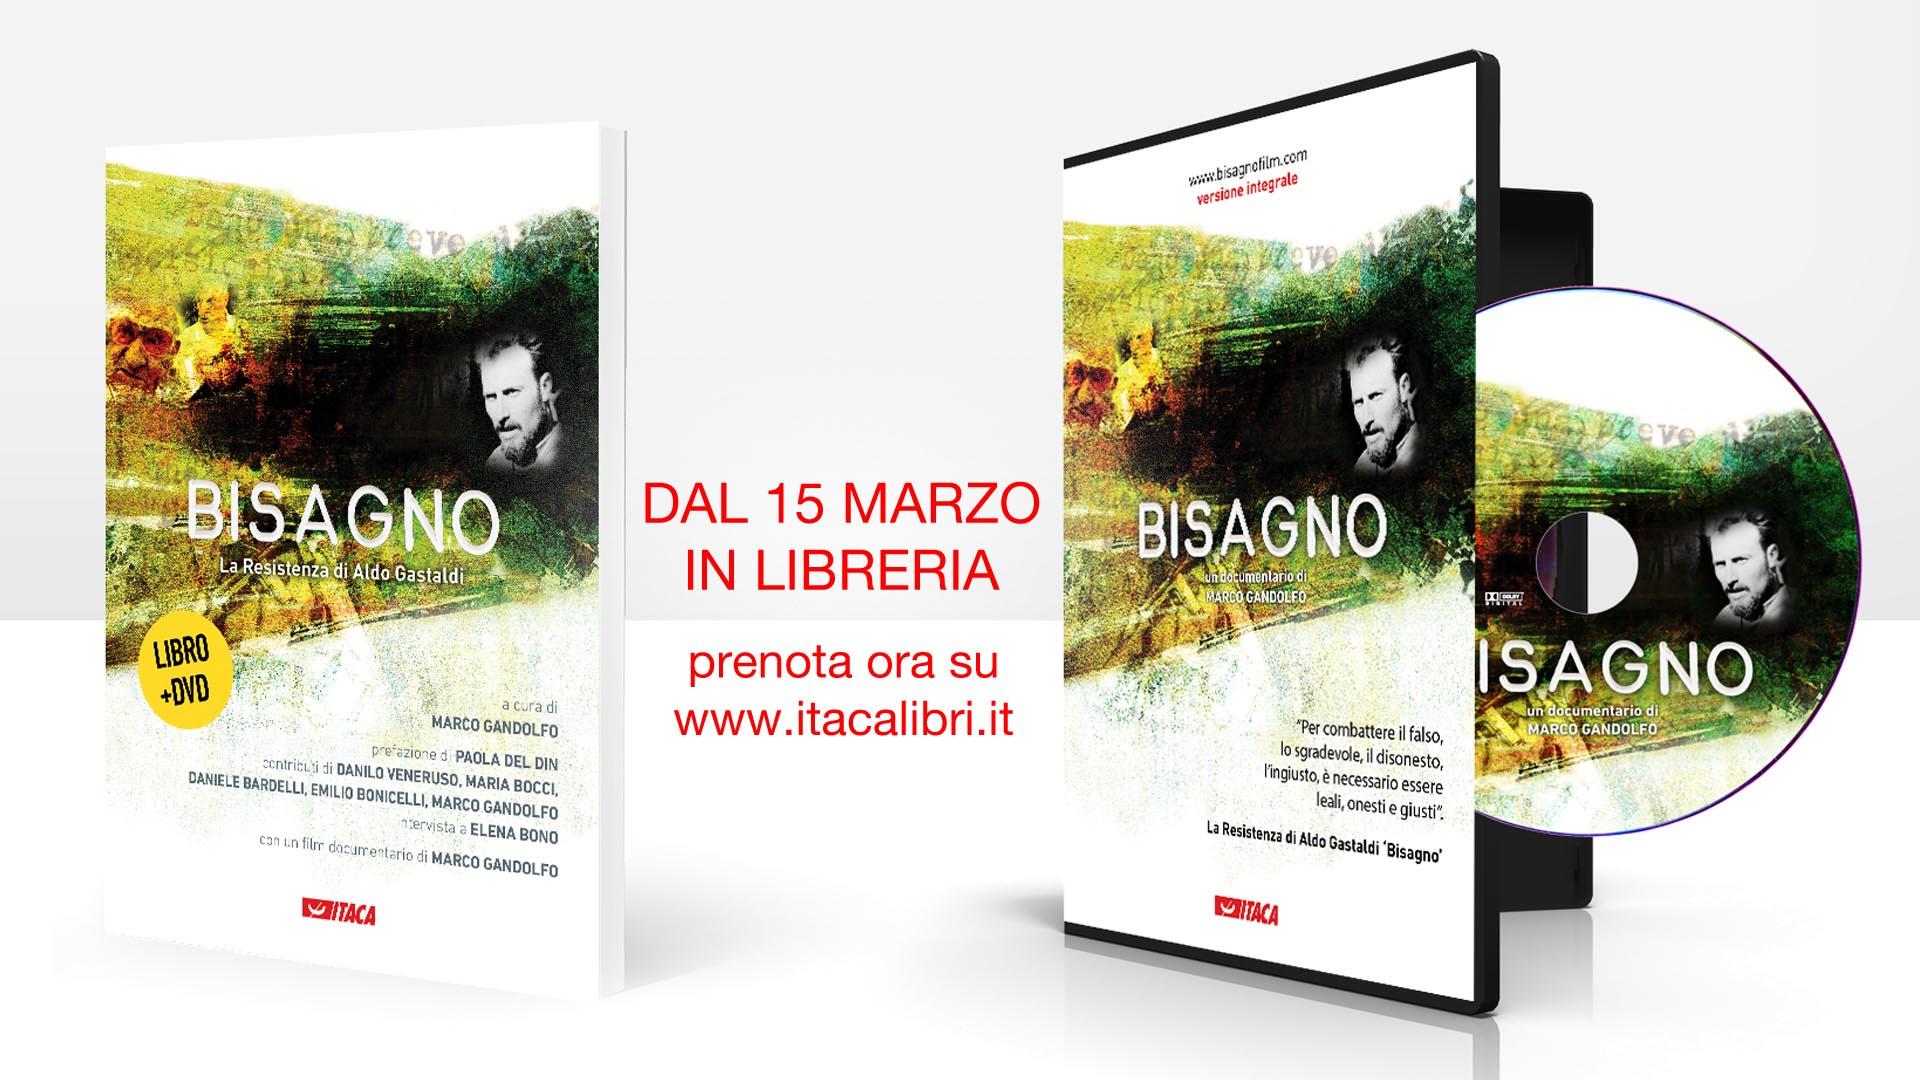 Bisagno. With Dvd The resistance of Aldo Gastaldi. Marco Gandolfo | Libro | Itacalibri